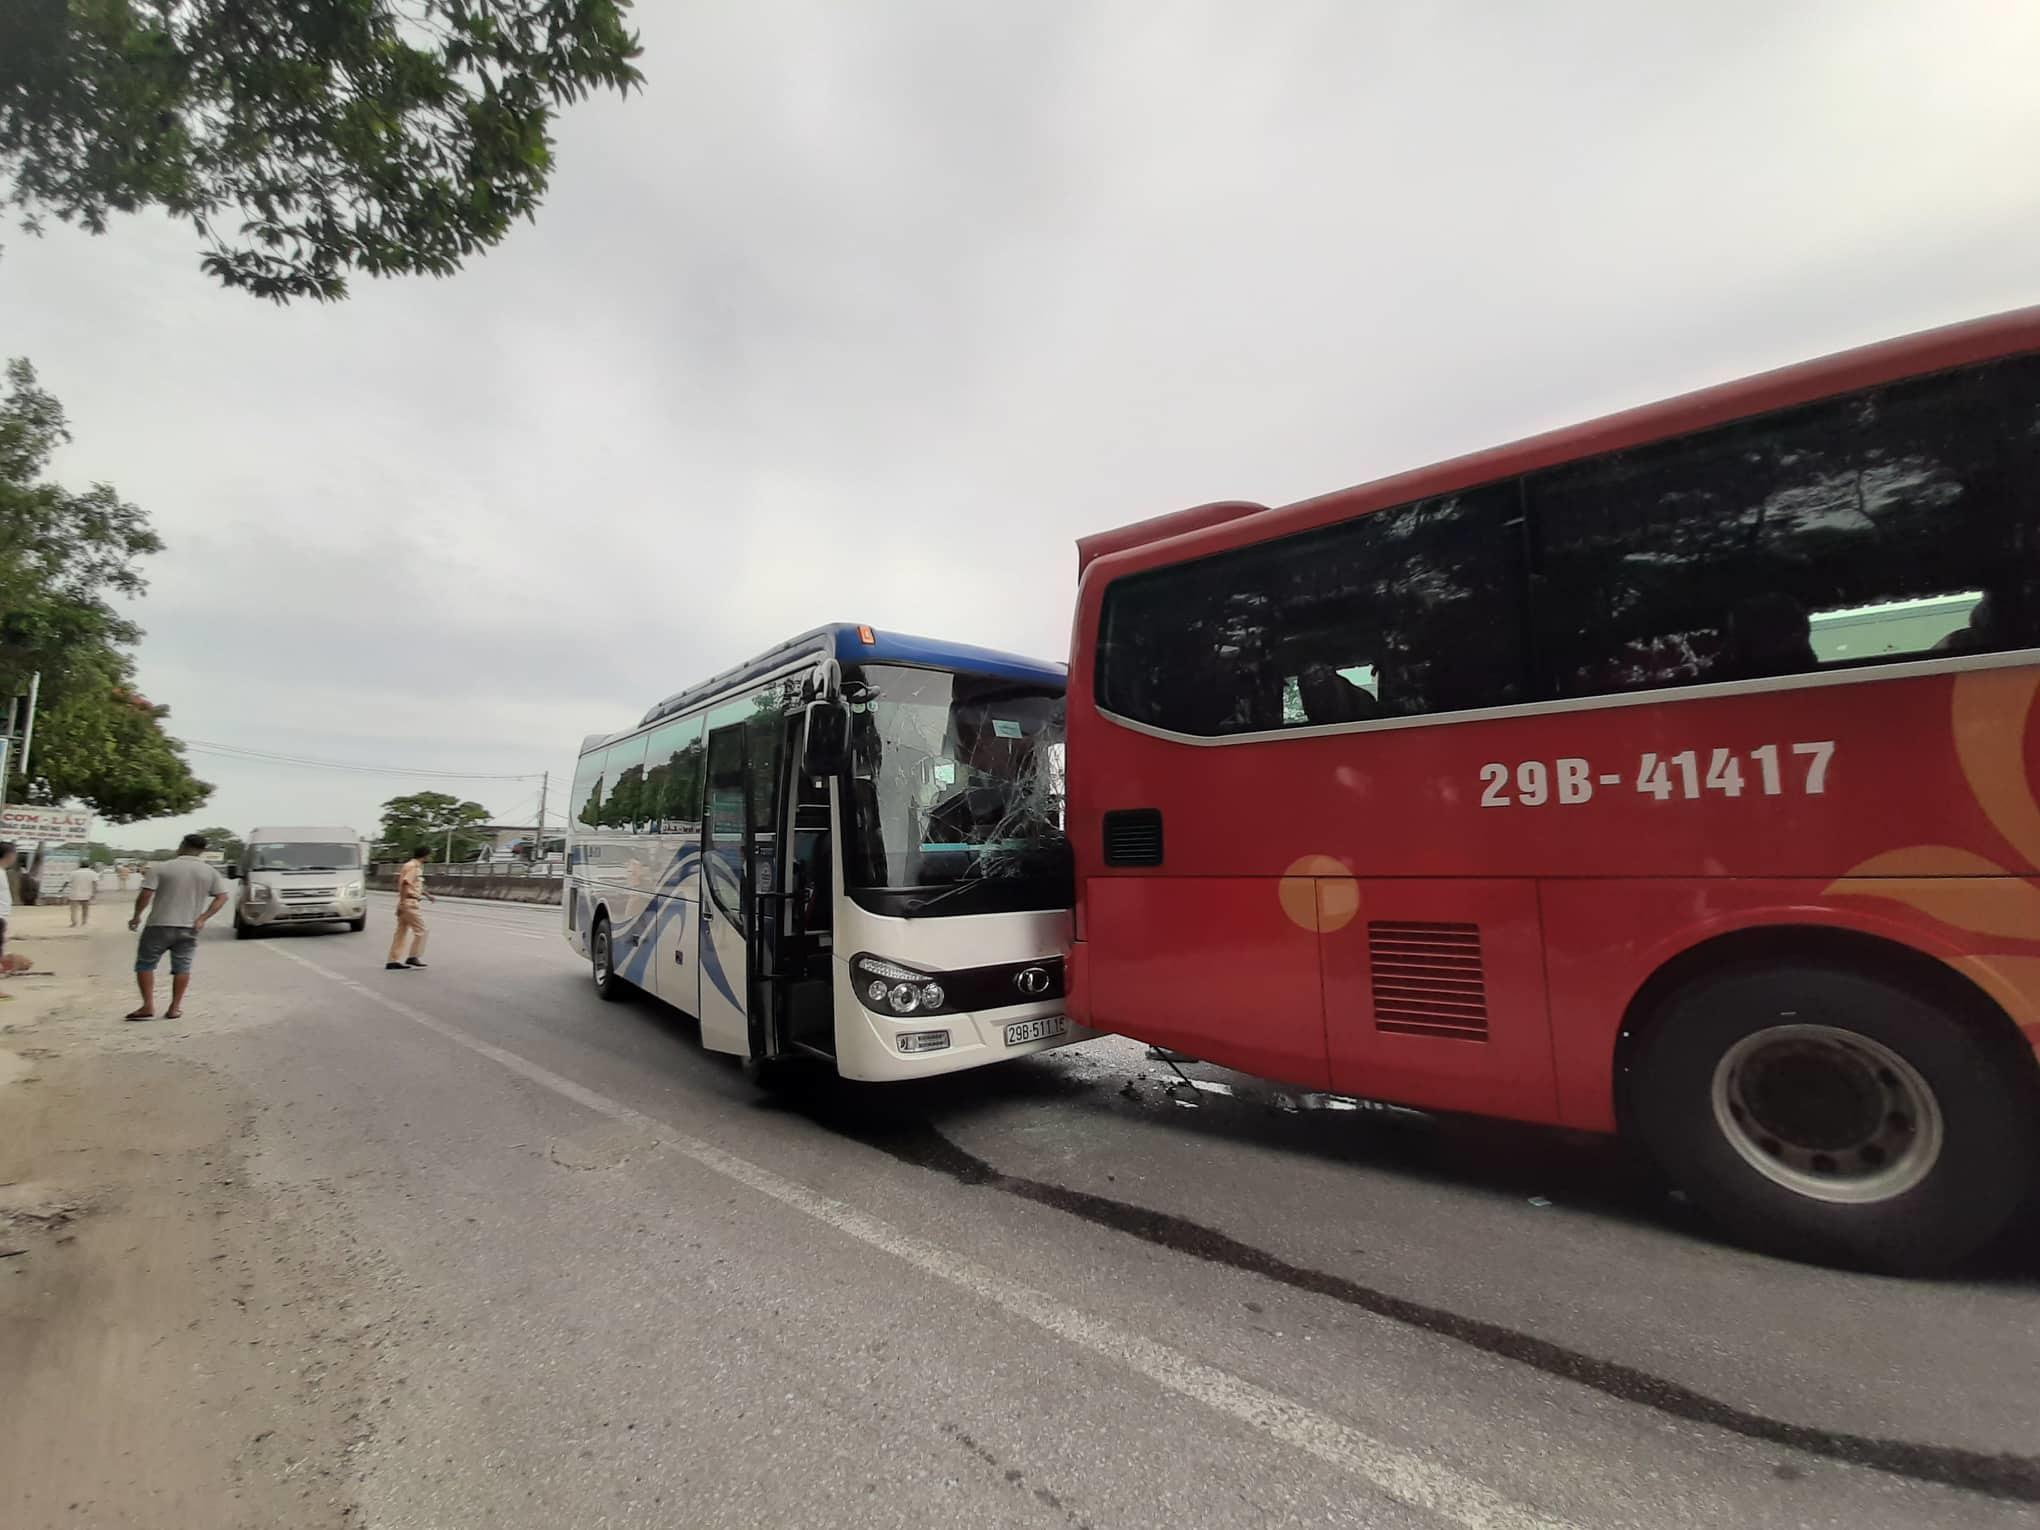 Xe Innova bẹp dúm ở Thanh Hóa sau cú đâm liên hoàn giữa 4 ô tô